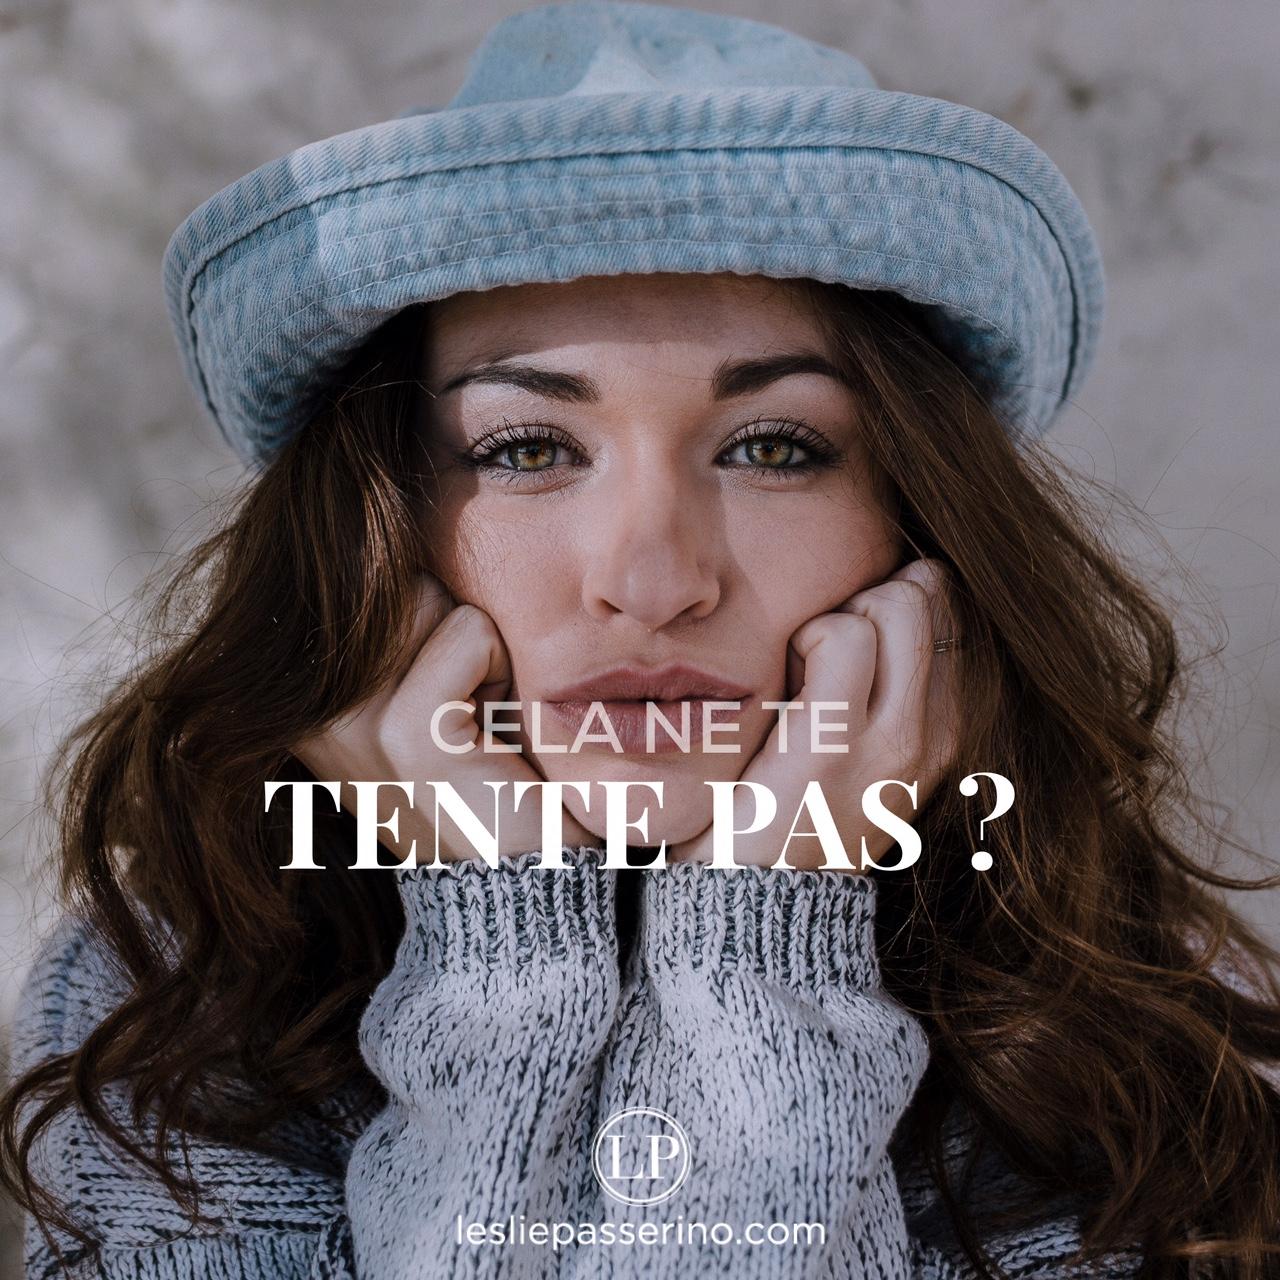 Podcast_quand_cela_ne_te_tente_pas